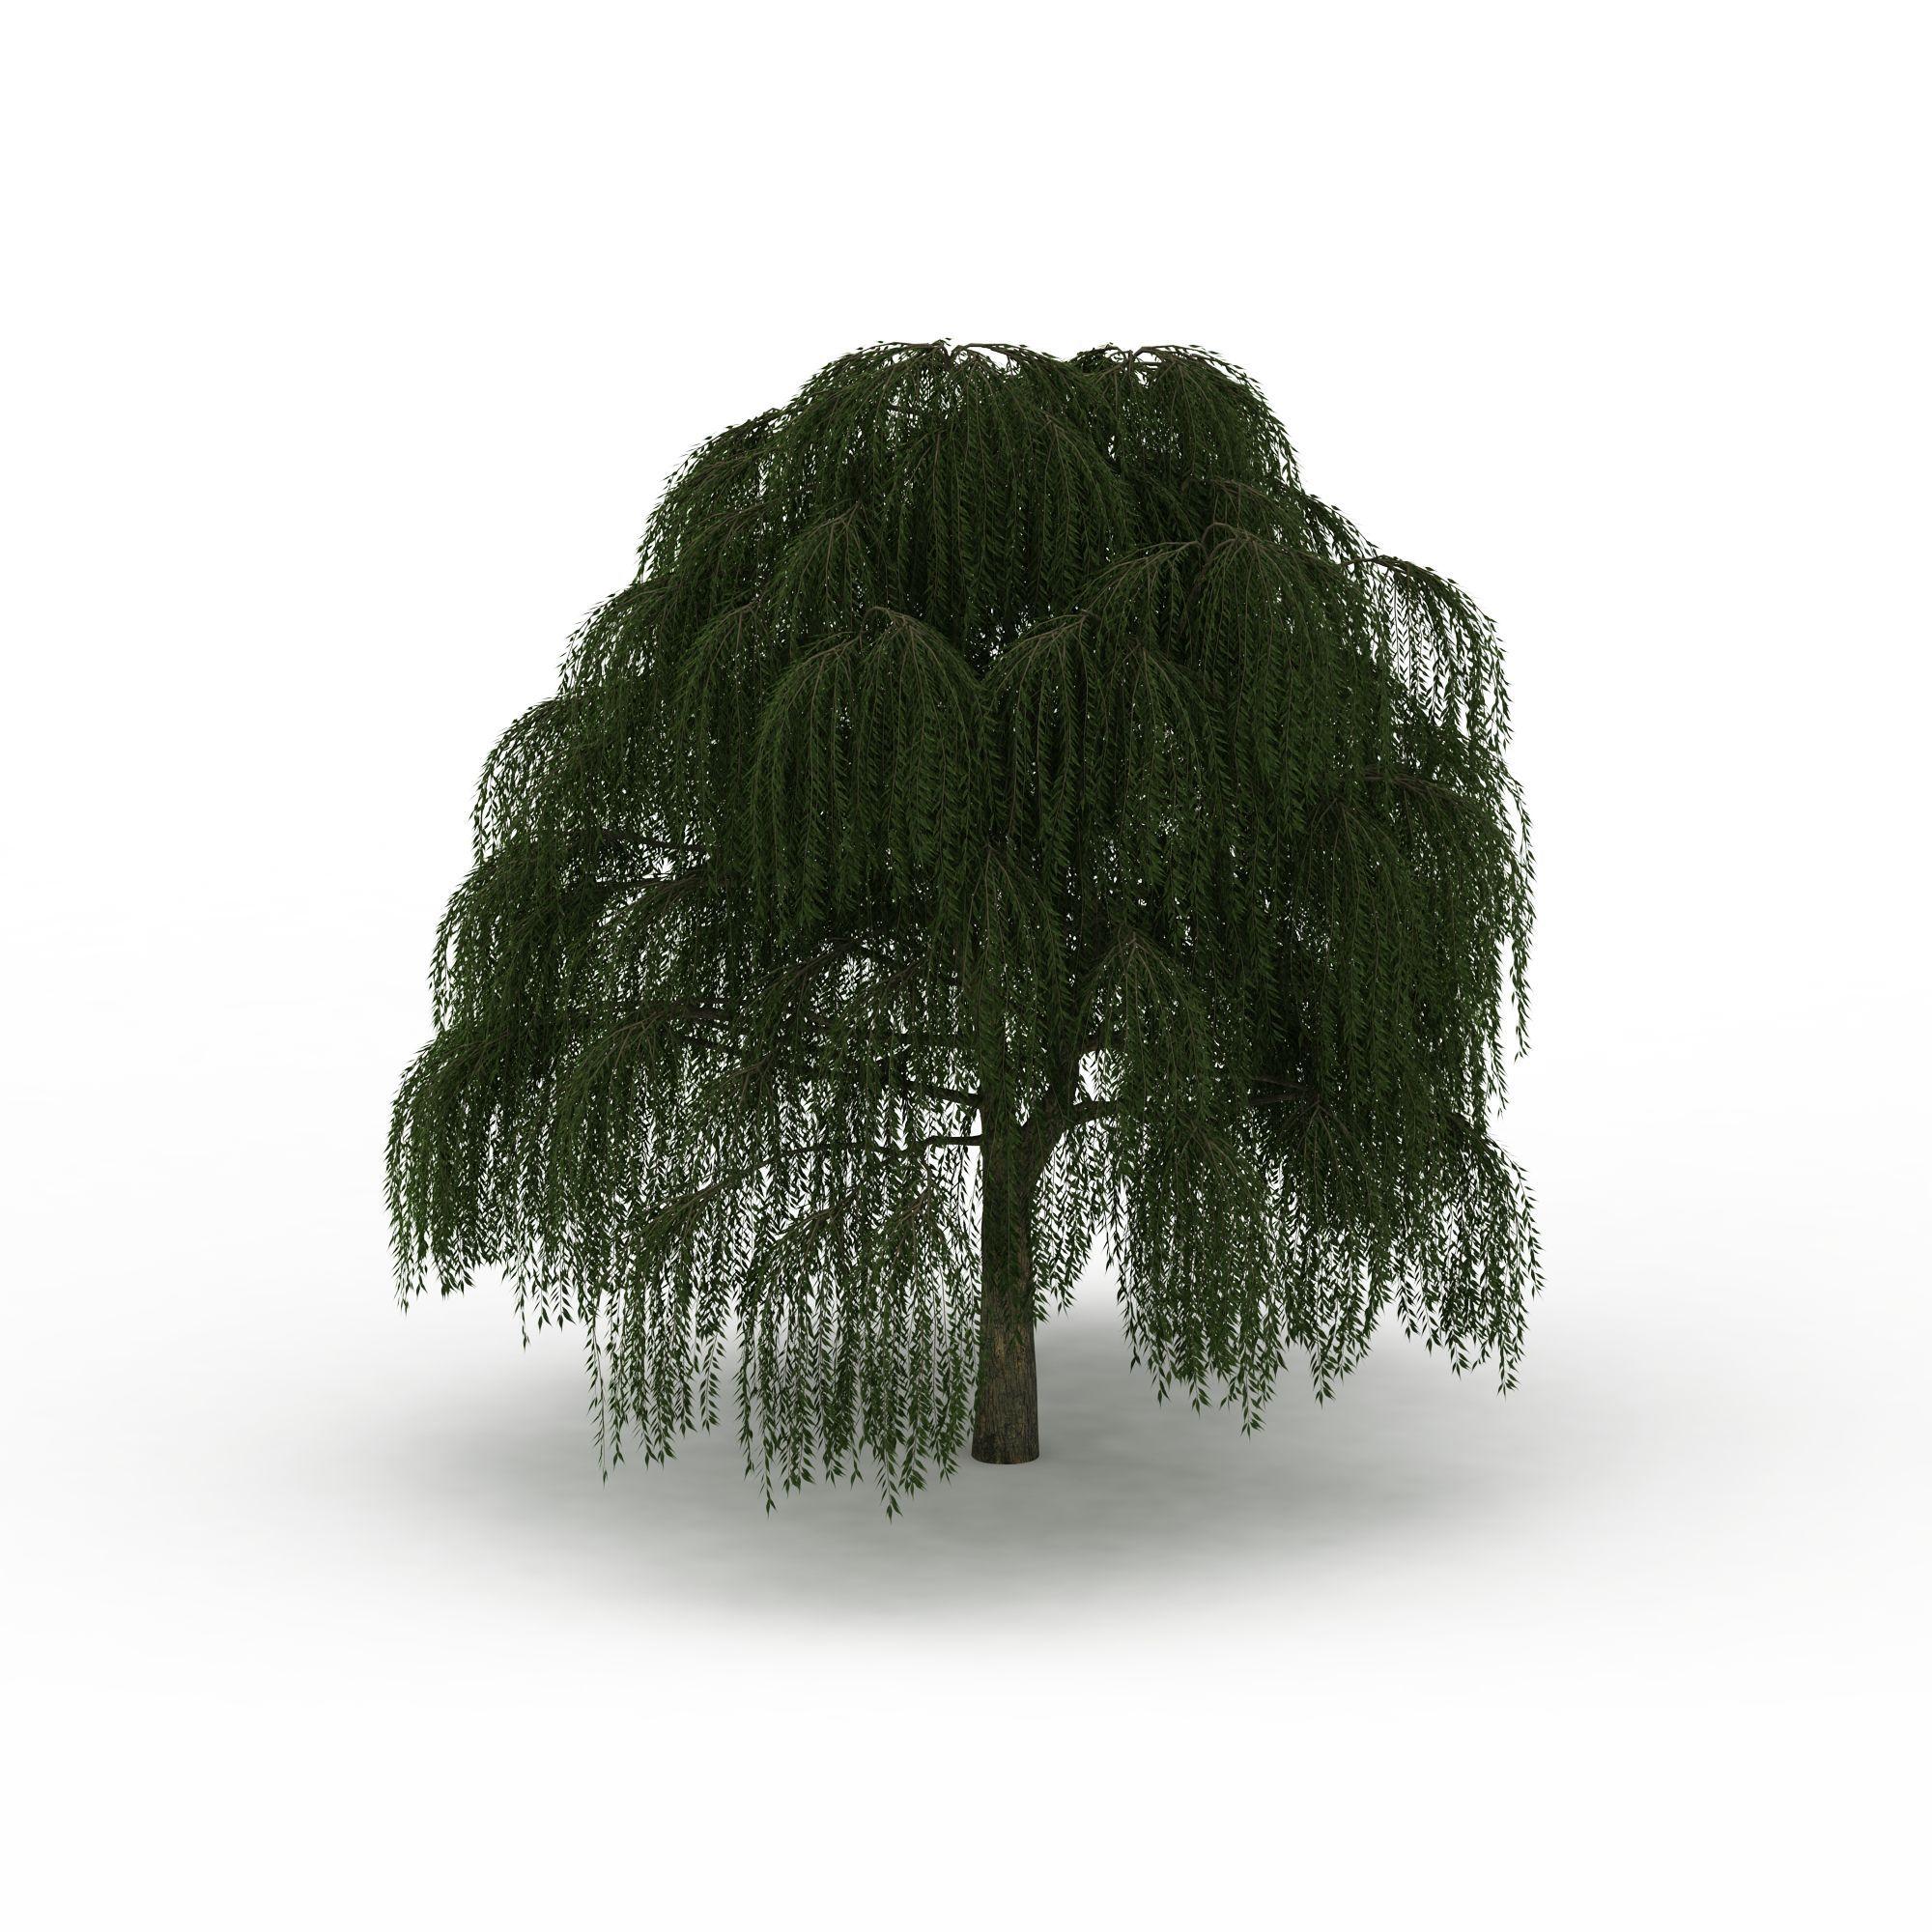 柳树png高清图片下载